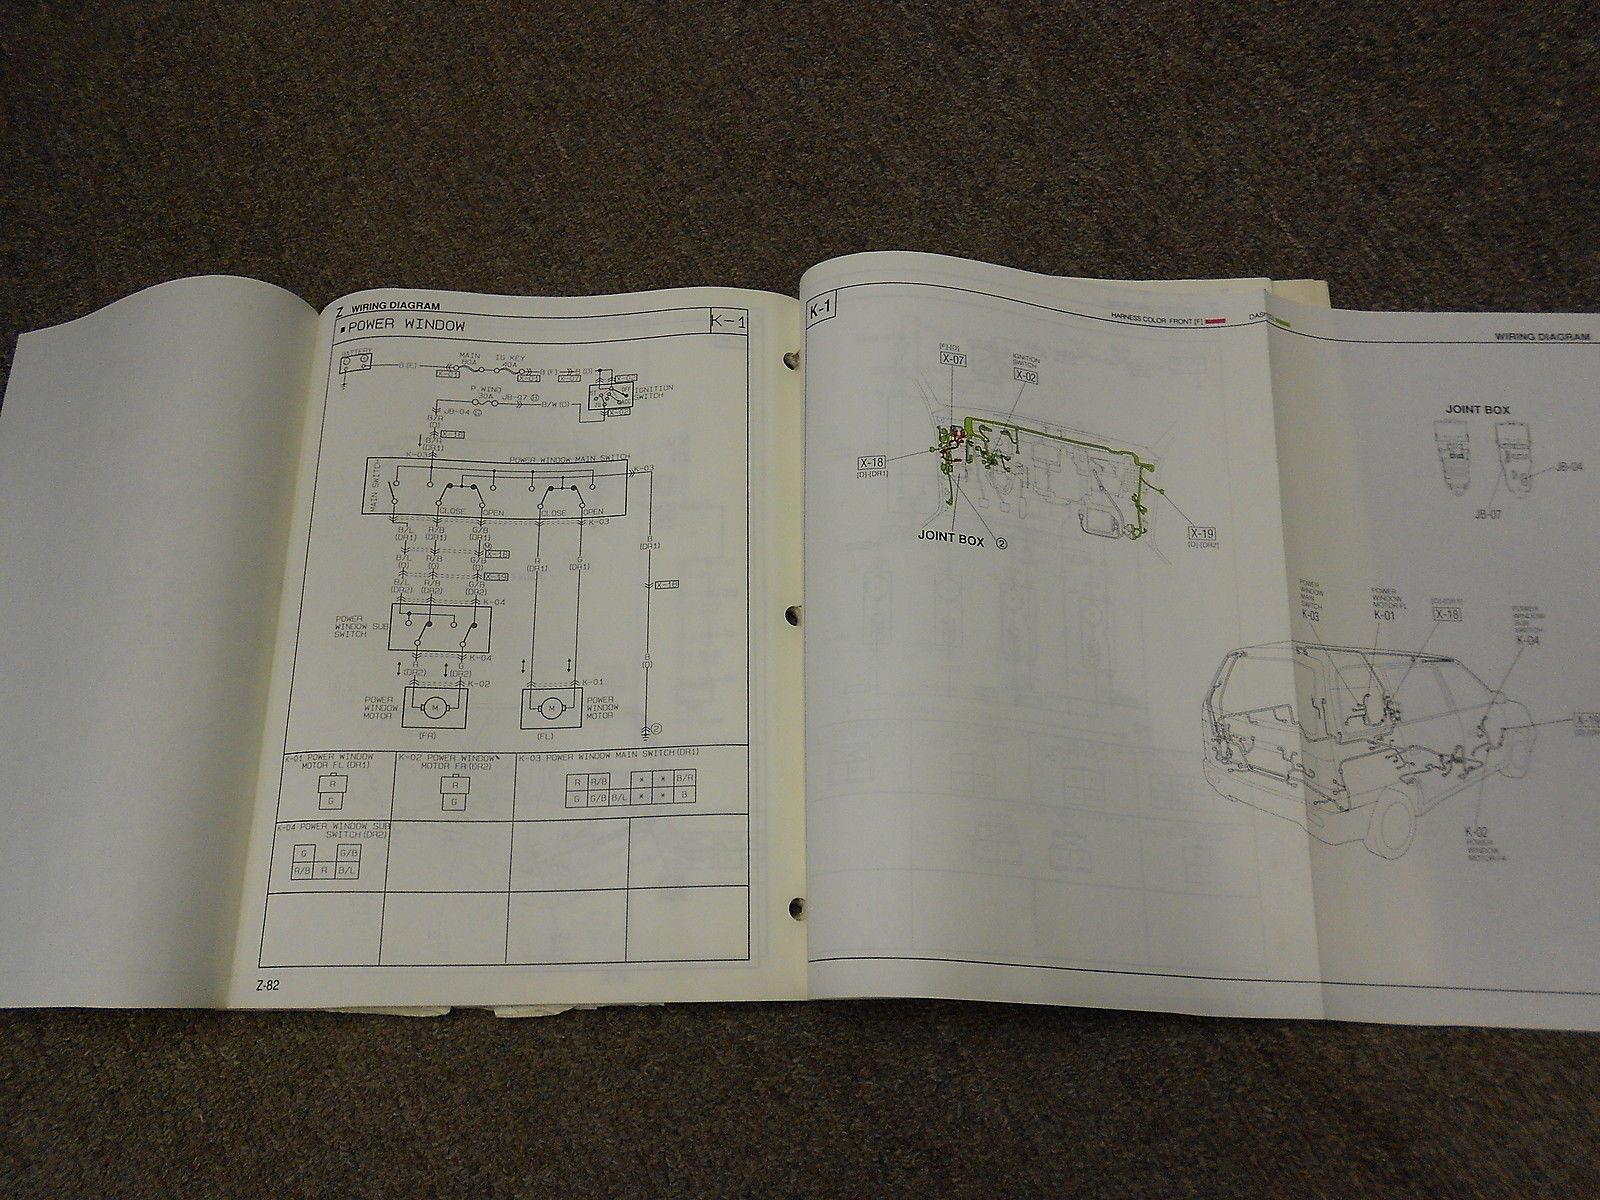 1991 Mazda Mpv Van Electrical Wiring Diagram And 50 Similar Items 1995 Service Repair Manual Oem 91